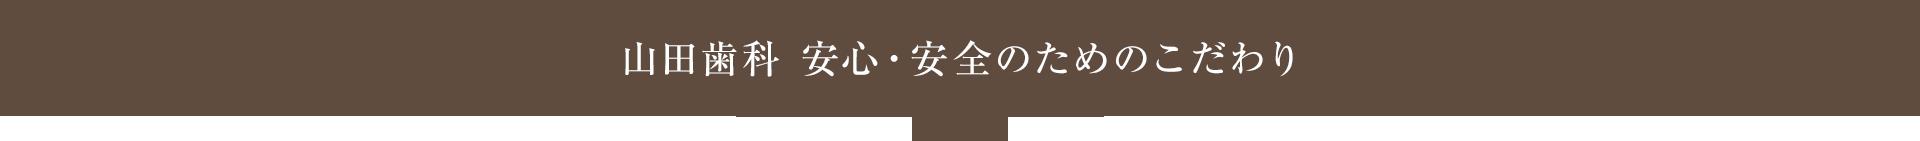 山田歯科 安心・安全のためのこだわり